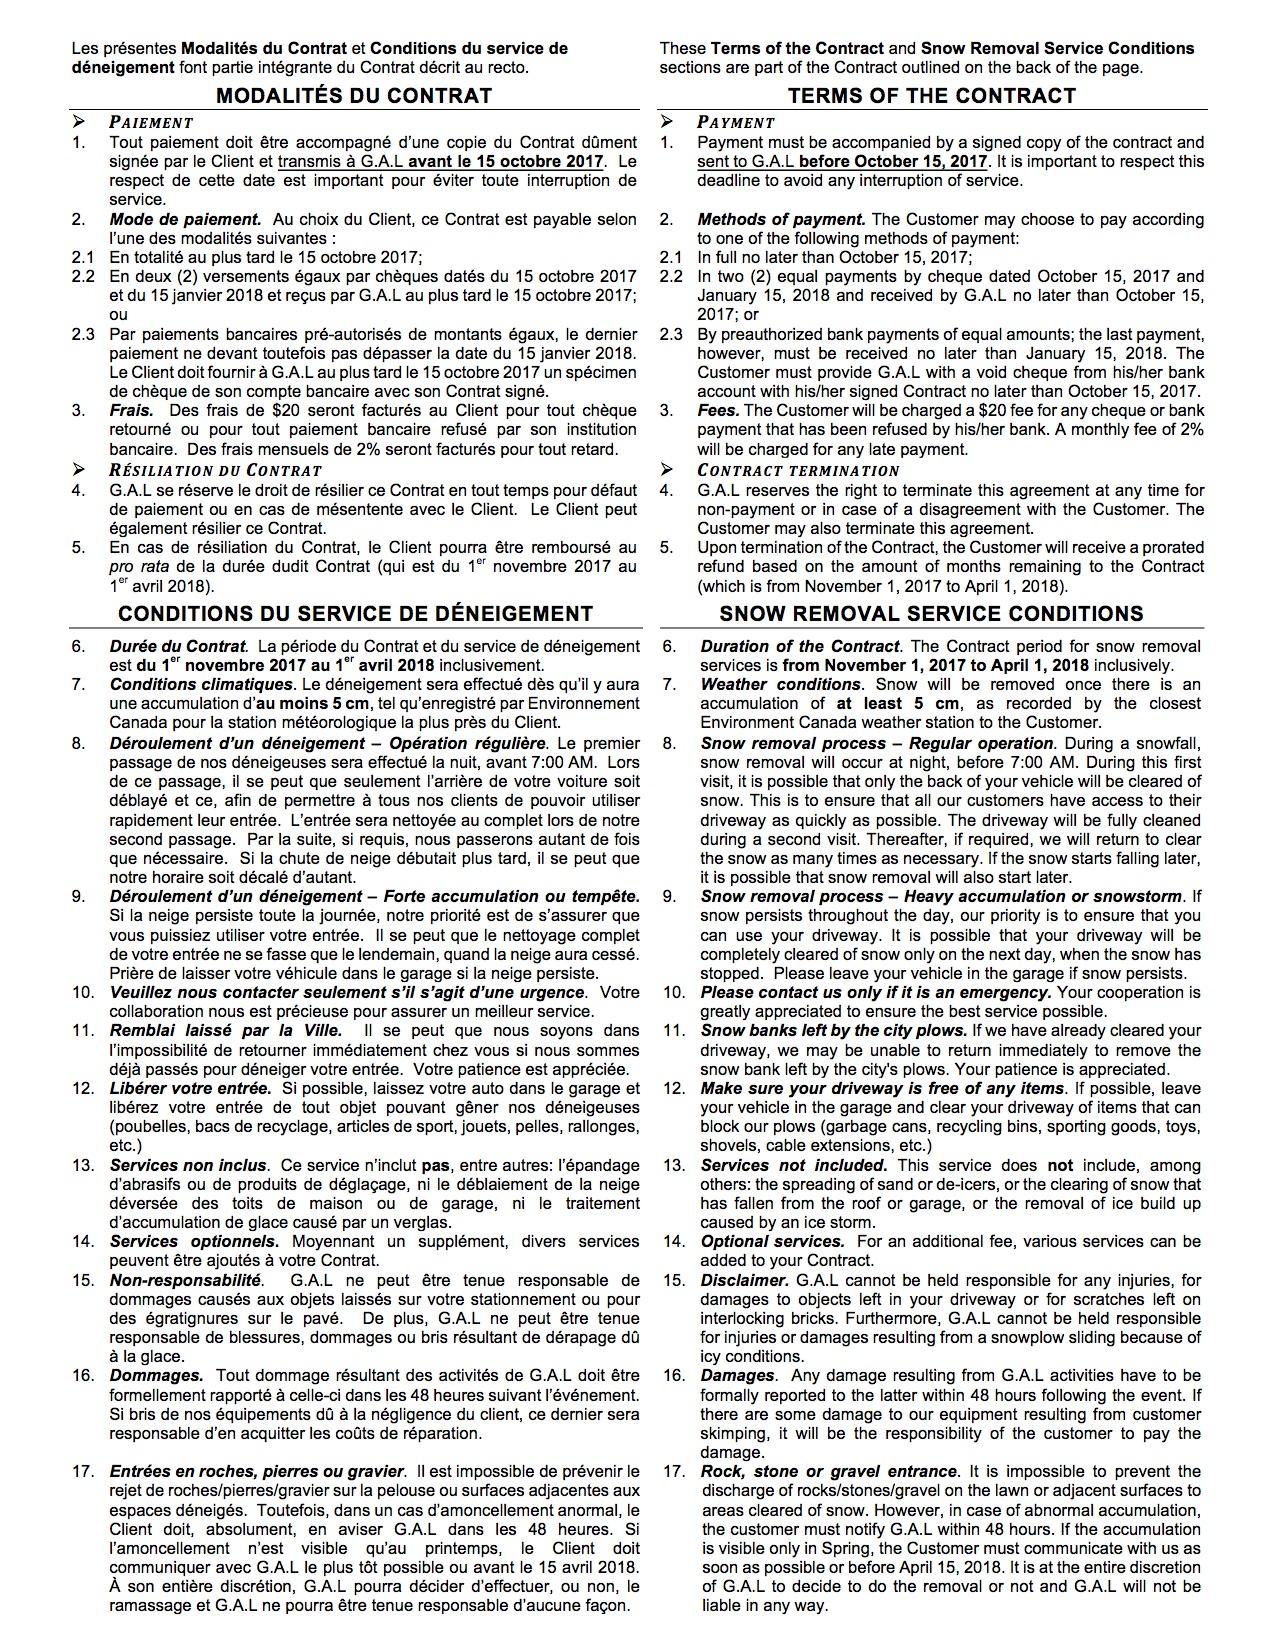 Verso Contrat G.A.L 2017-2018